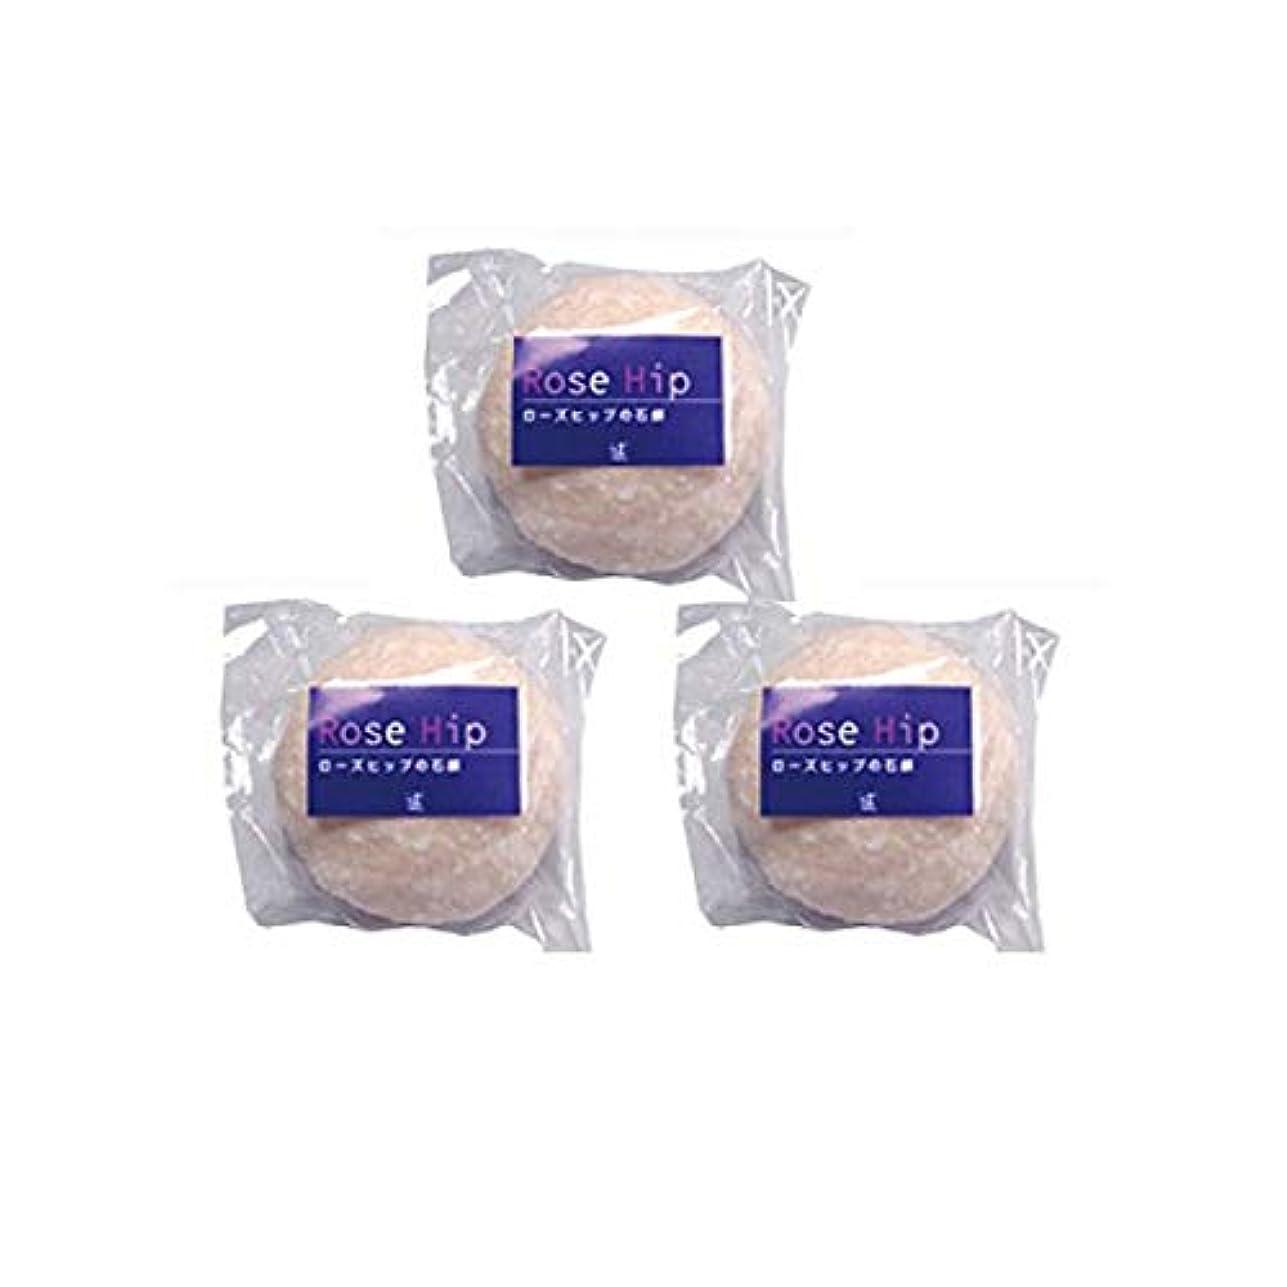 コントラスト巡礼者エンティティ山澤清ローズヒップ石鹸3個セット(70g×3個)スパール山澤清のローズヒップ無添加洗顔石鹸